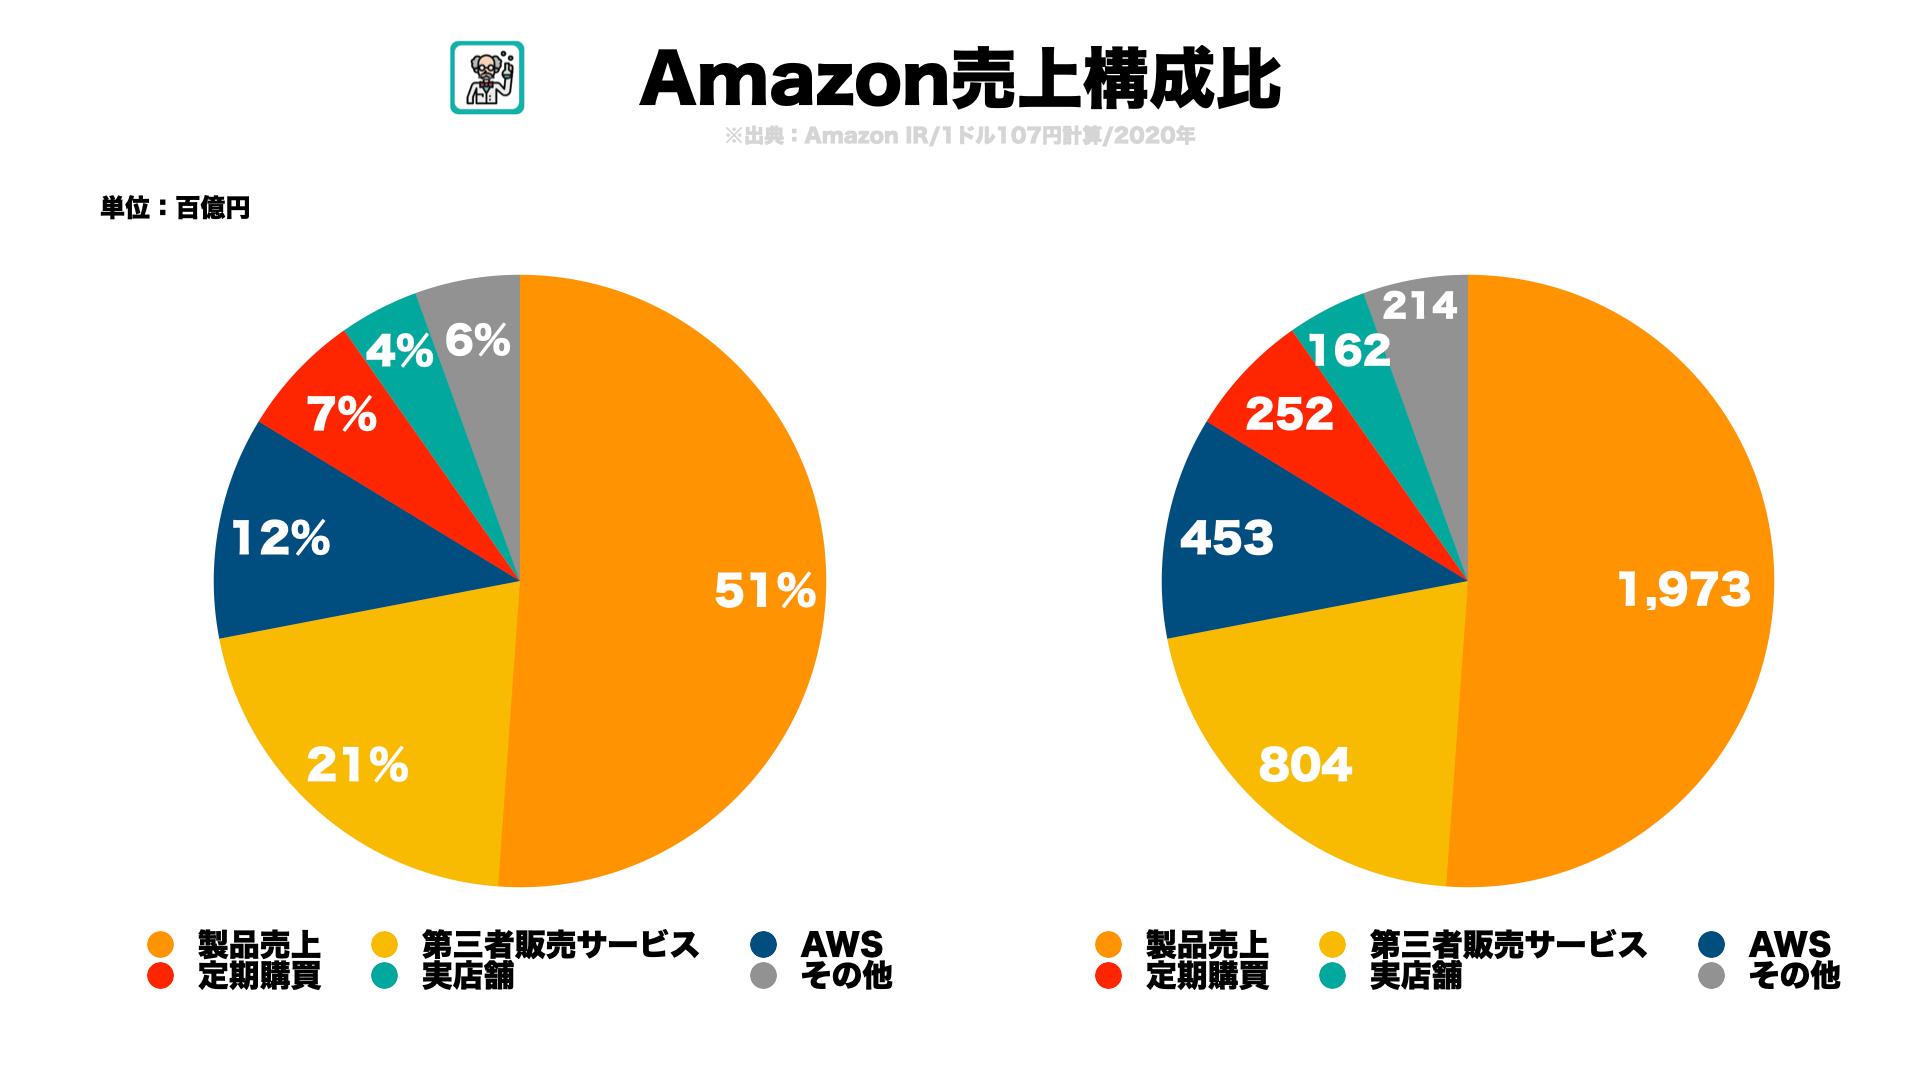 AmazonPrime会員数推移など主要KPIを調べてみた4